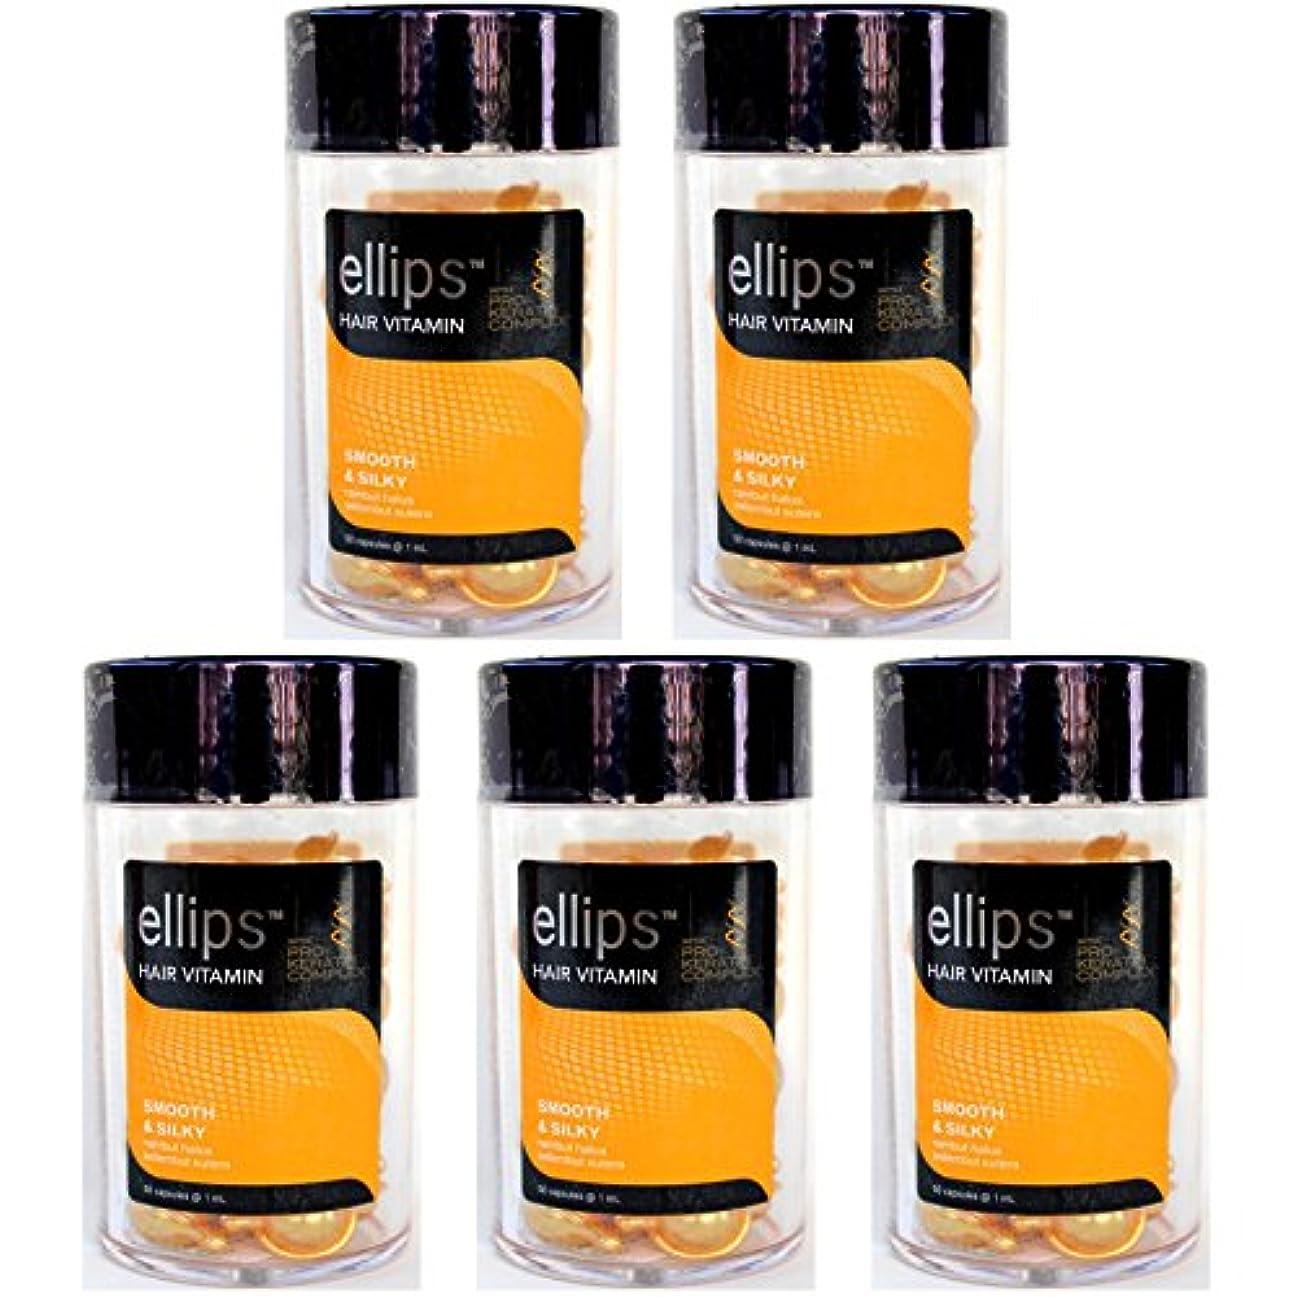 割り当てるアルバニー医学ellips エリプス Hair Vitamin ヘア ビタミン Pro-Keratin Complex プロケラチン配合 SMOOTH & SILKY イエロー ボトル(50粒入) × 5本 セット [並行輸入品][海外直送品]